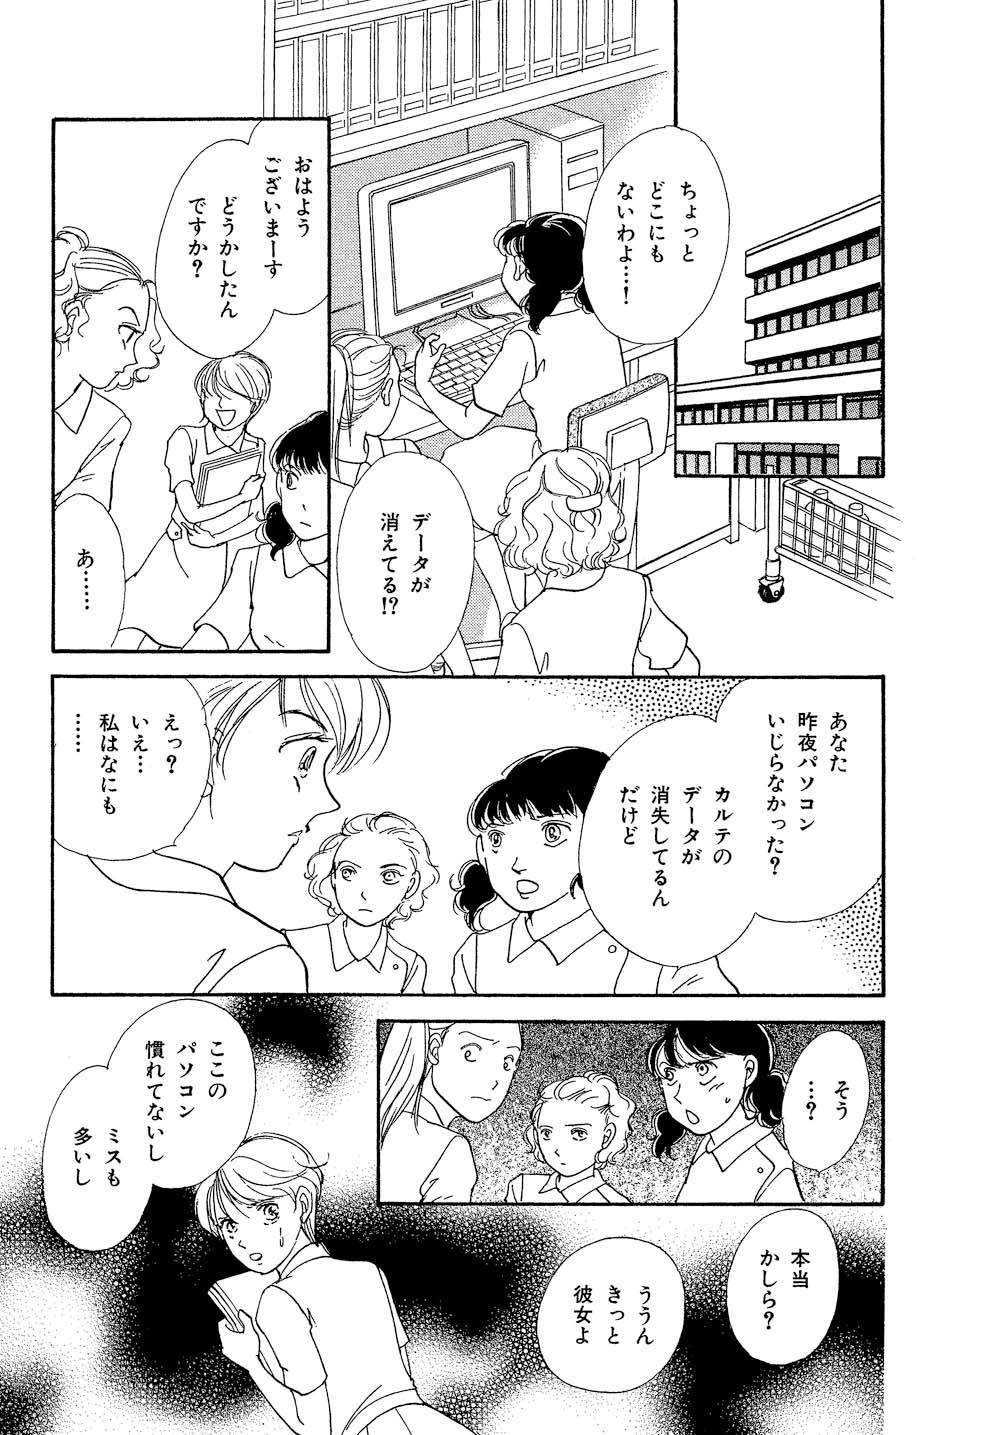 hakui_0001_0151.jpg